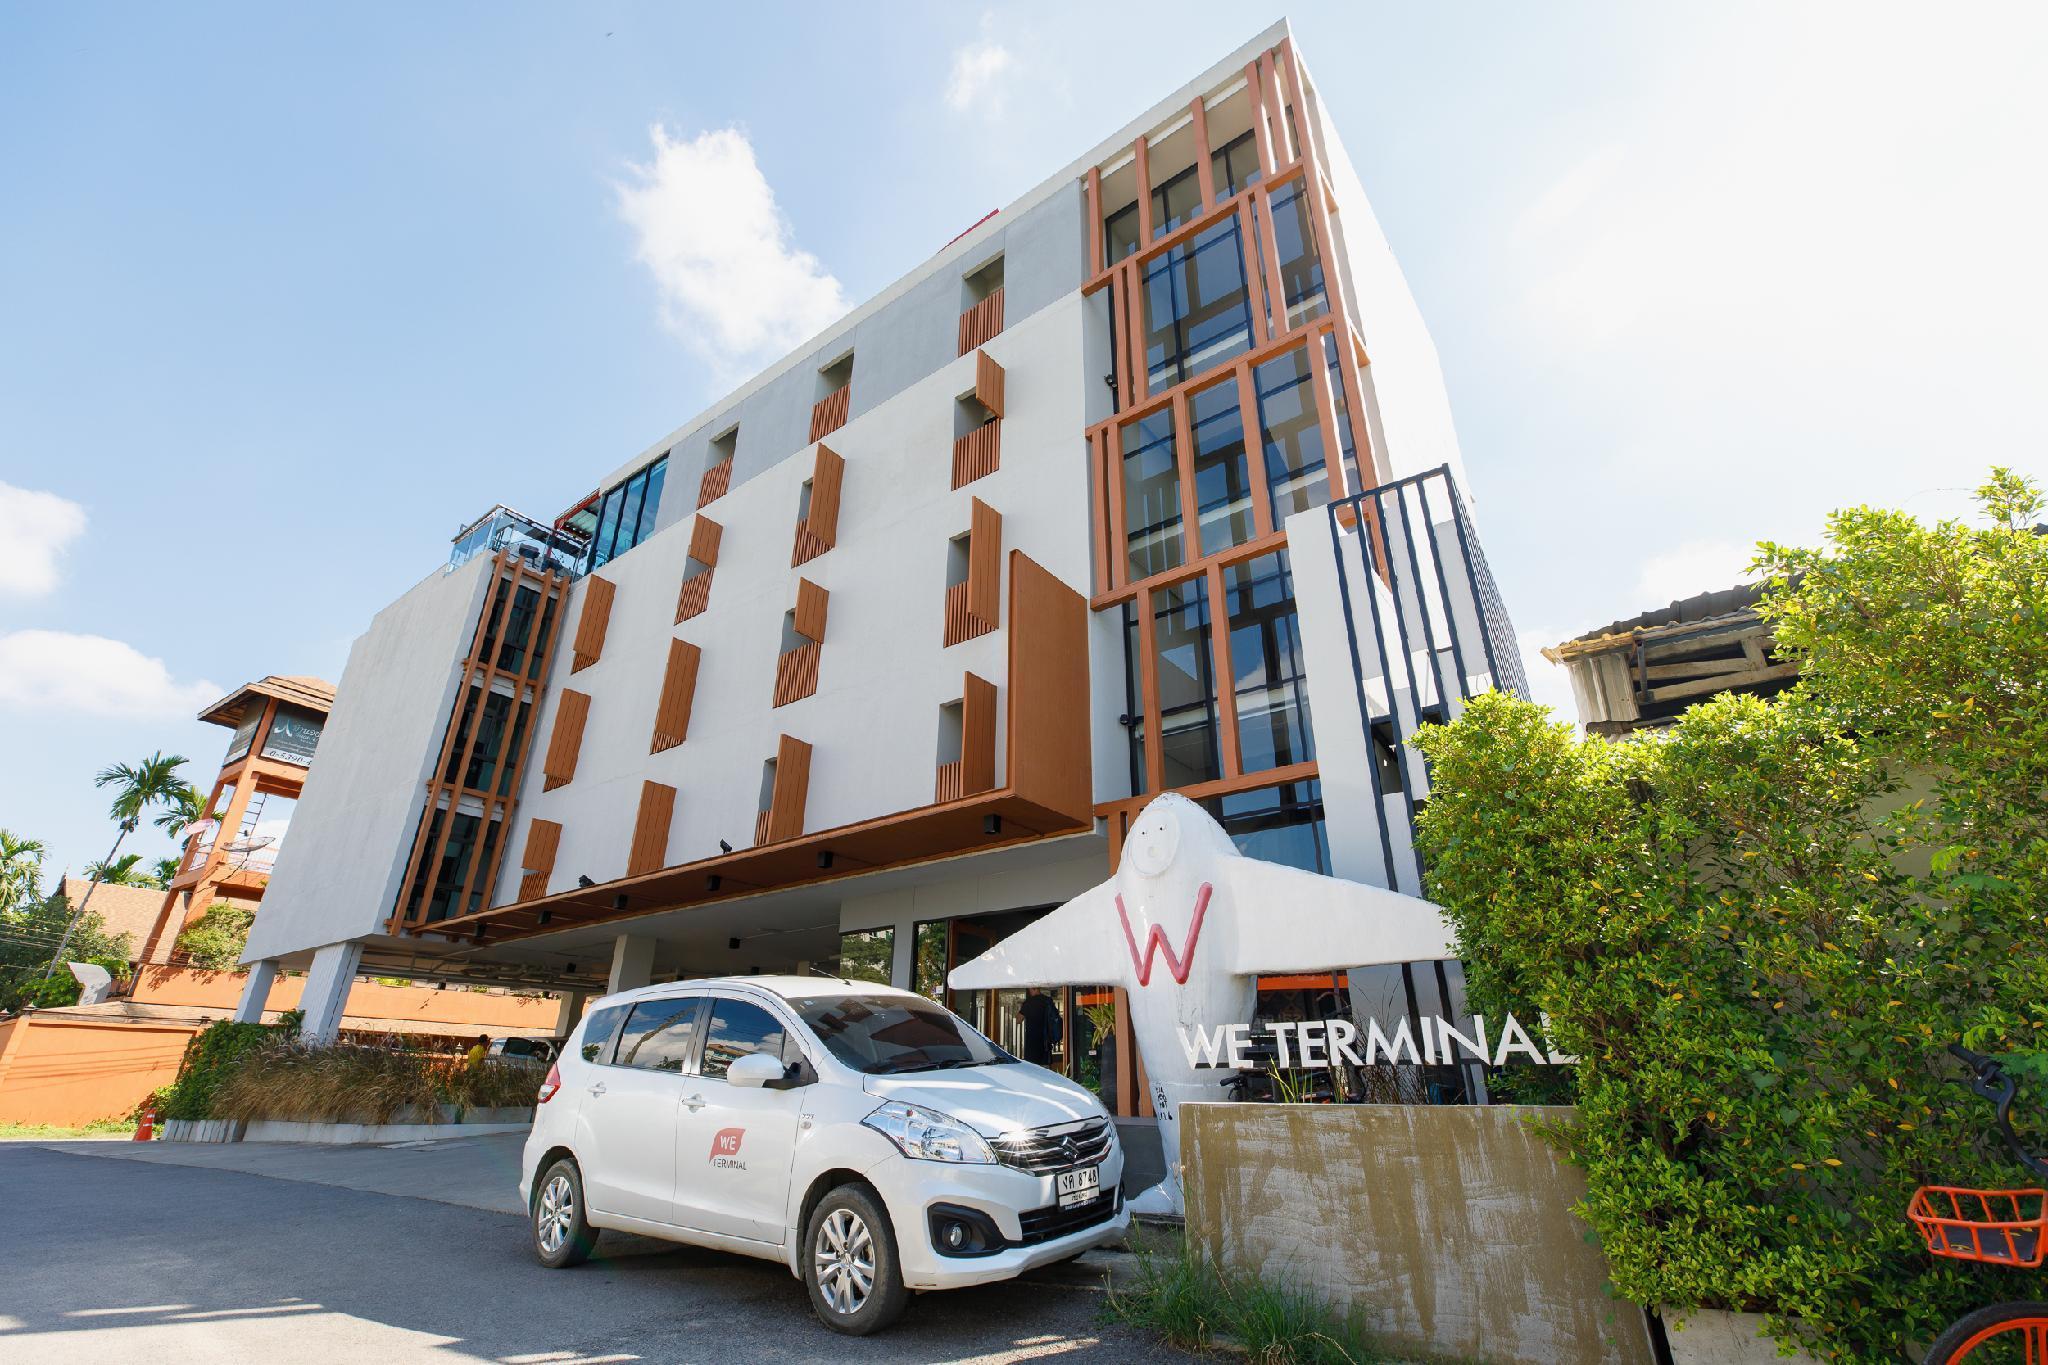 We Terminal Hotel โรงแรม วี เทอมินัล